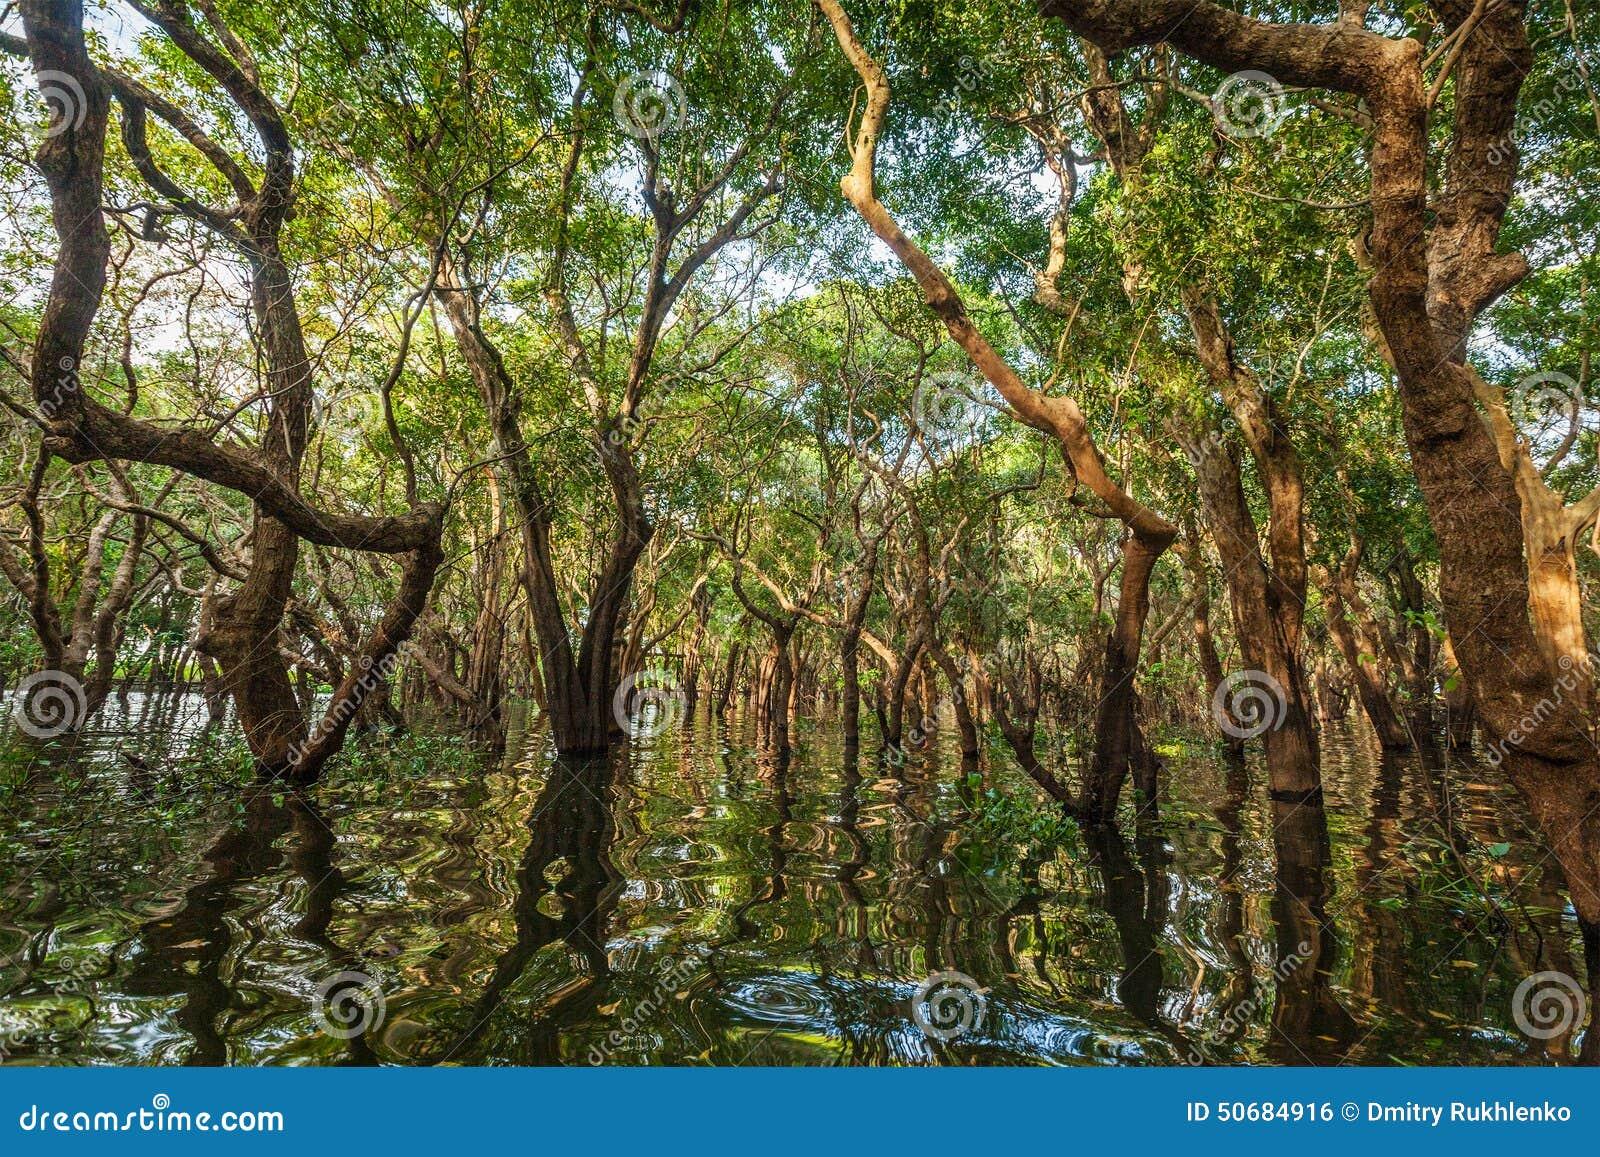 Download 被充斥的树在美洲红树雨林里 库存照片. 图片 包括有 反映, 柬埔寨, 聚会所, 柬埔语, 反射, 藤本植物 - 50684916